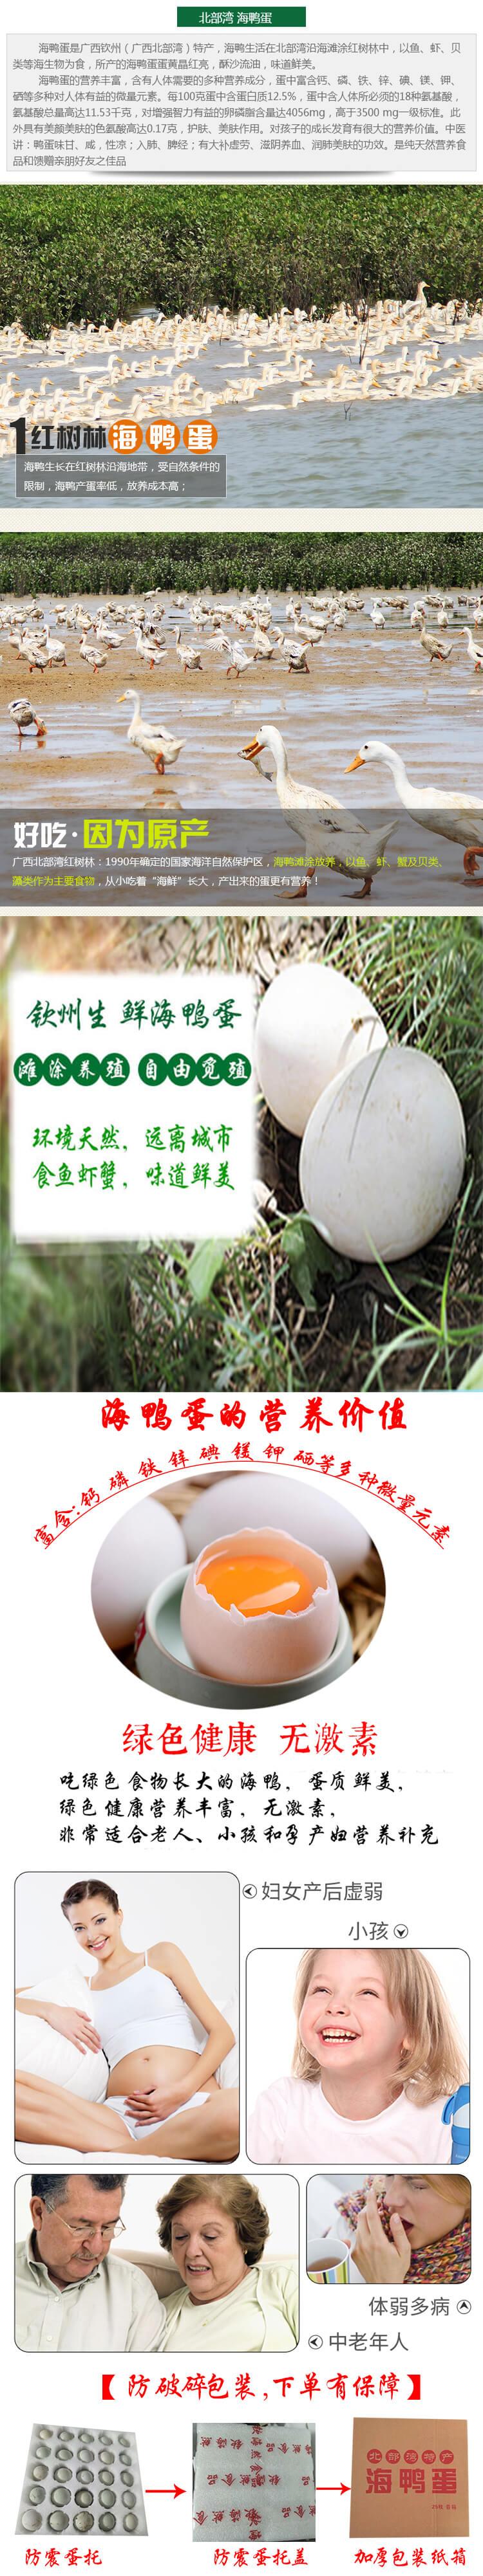 生海鸭蛋图文